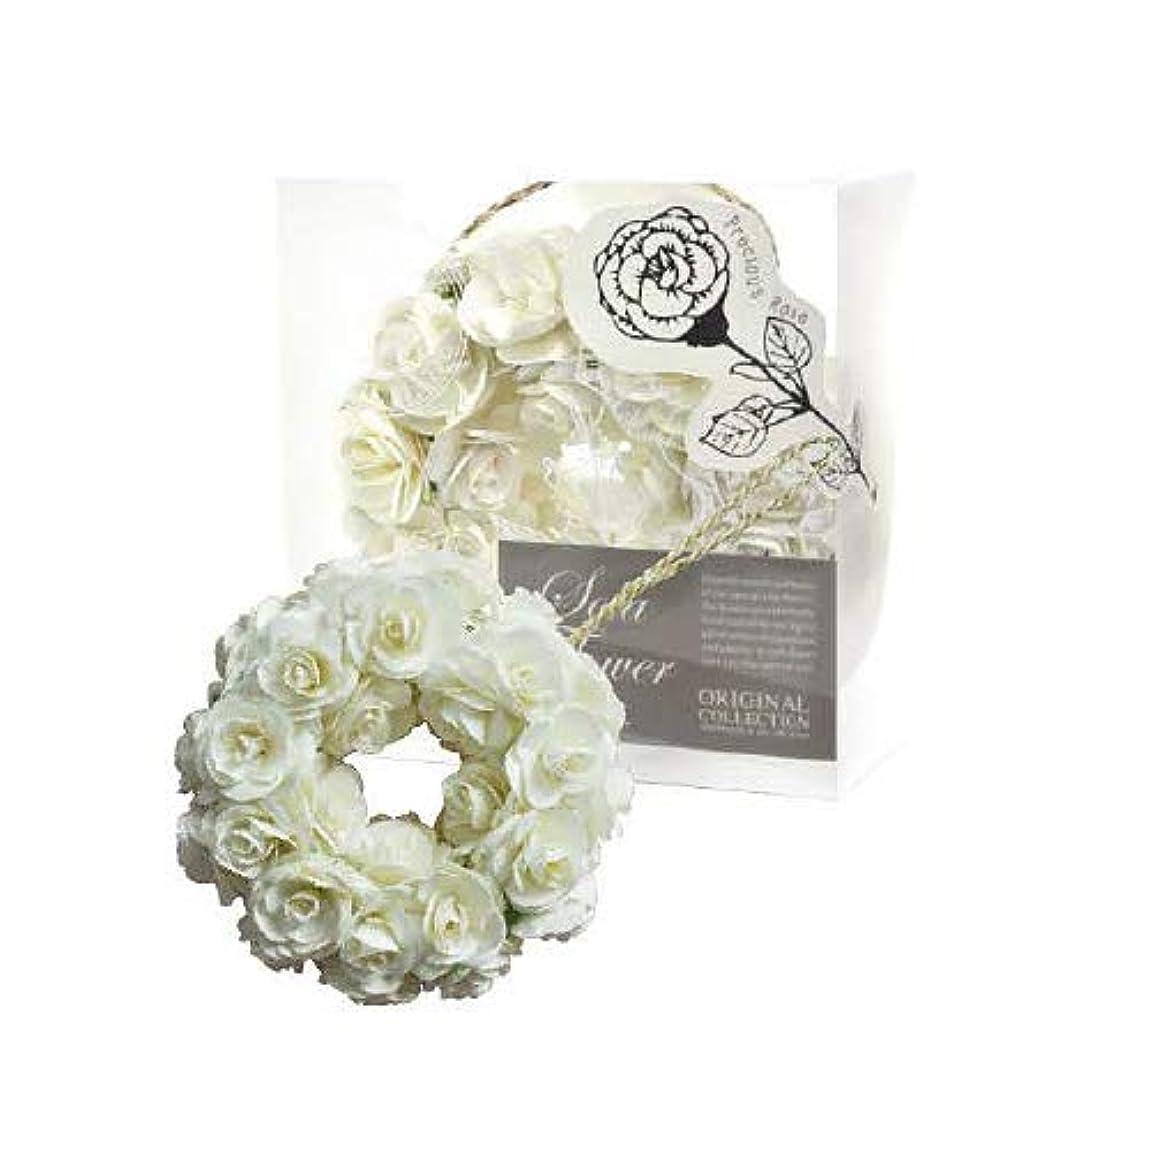 利用可能本能流new Sola Flower ソラフラワー Wreath リース Precious Rose プレシャスローズ